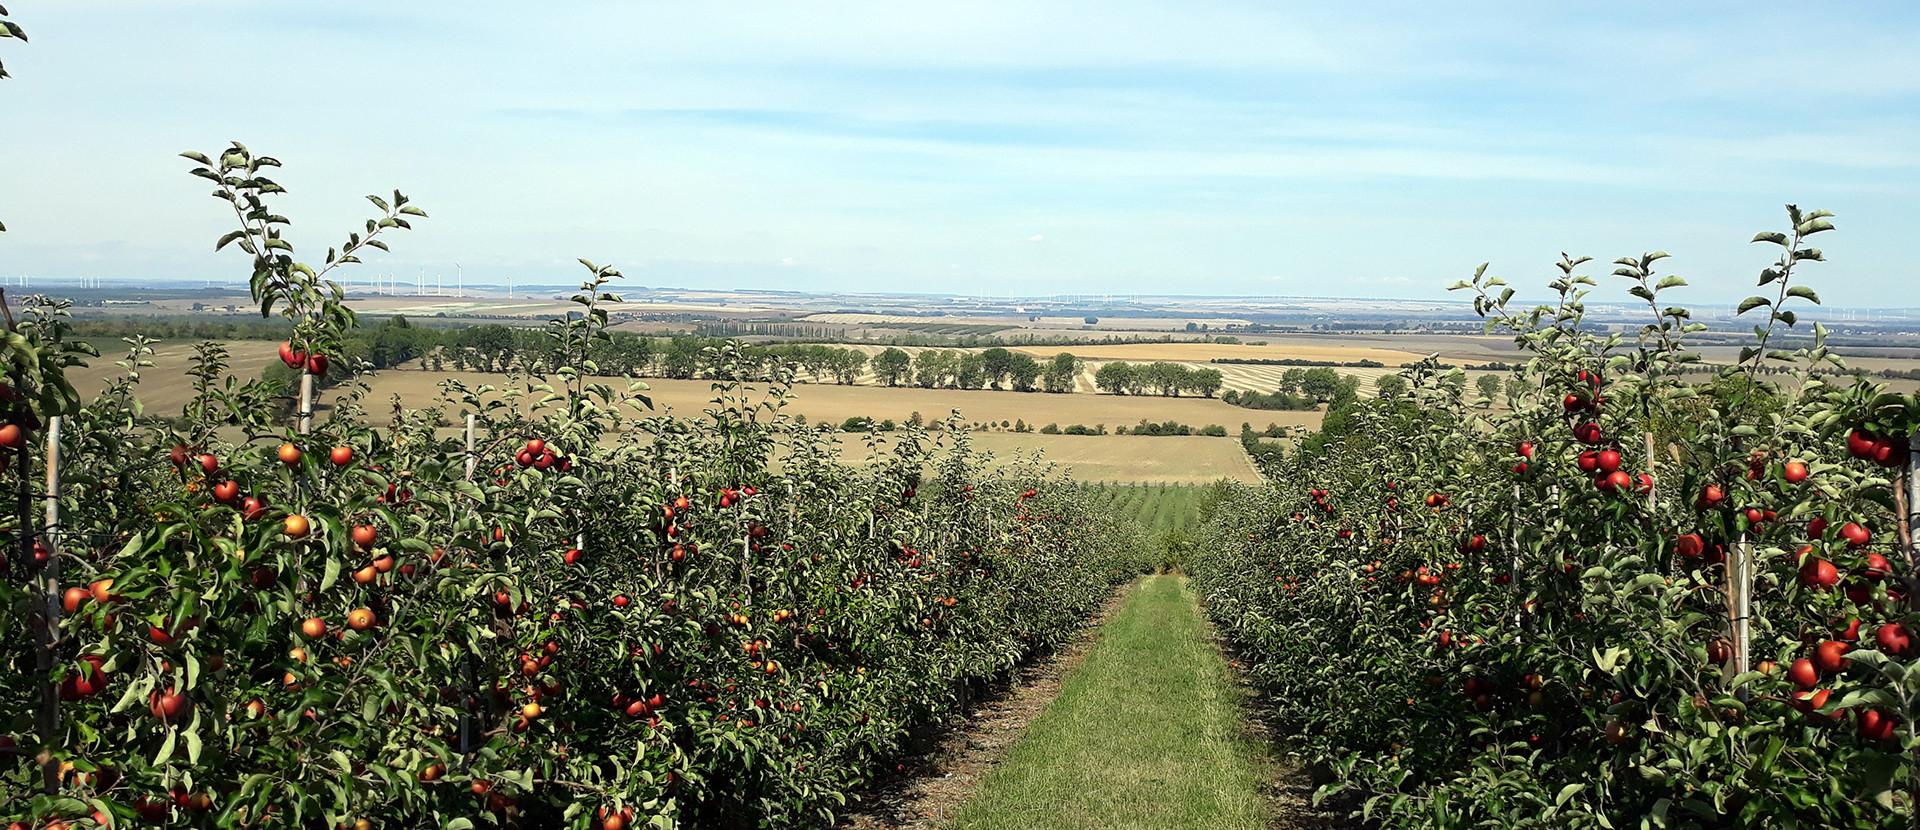 Blick von einer Apfelplantage in die Landschaft